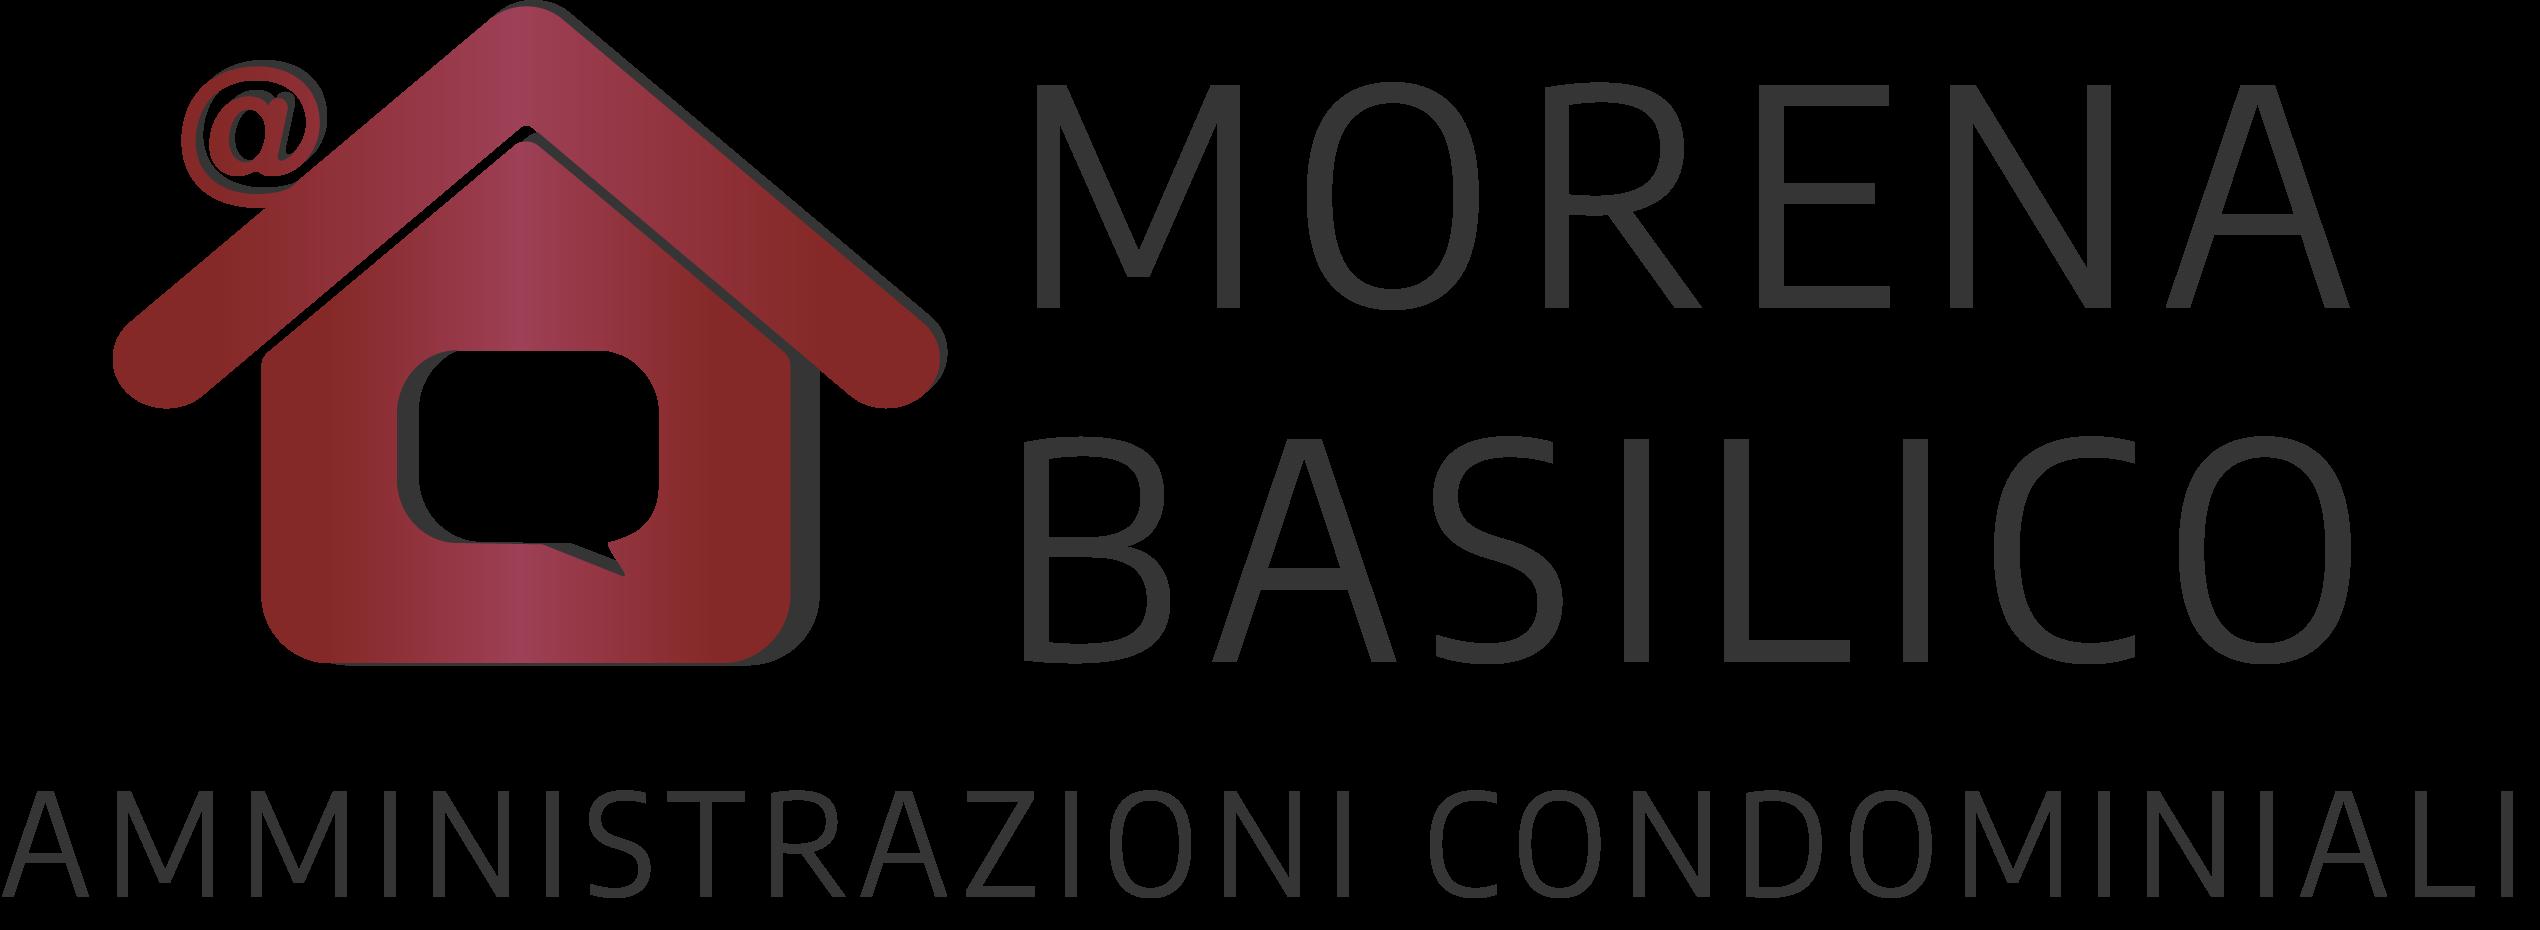 Morena Basilico - Amministrazioni Condominiali